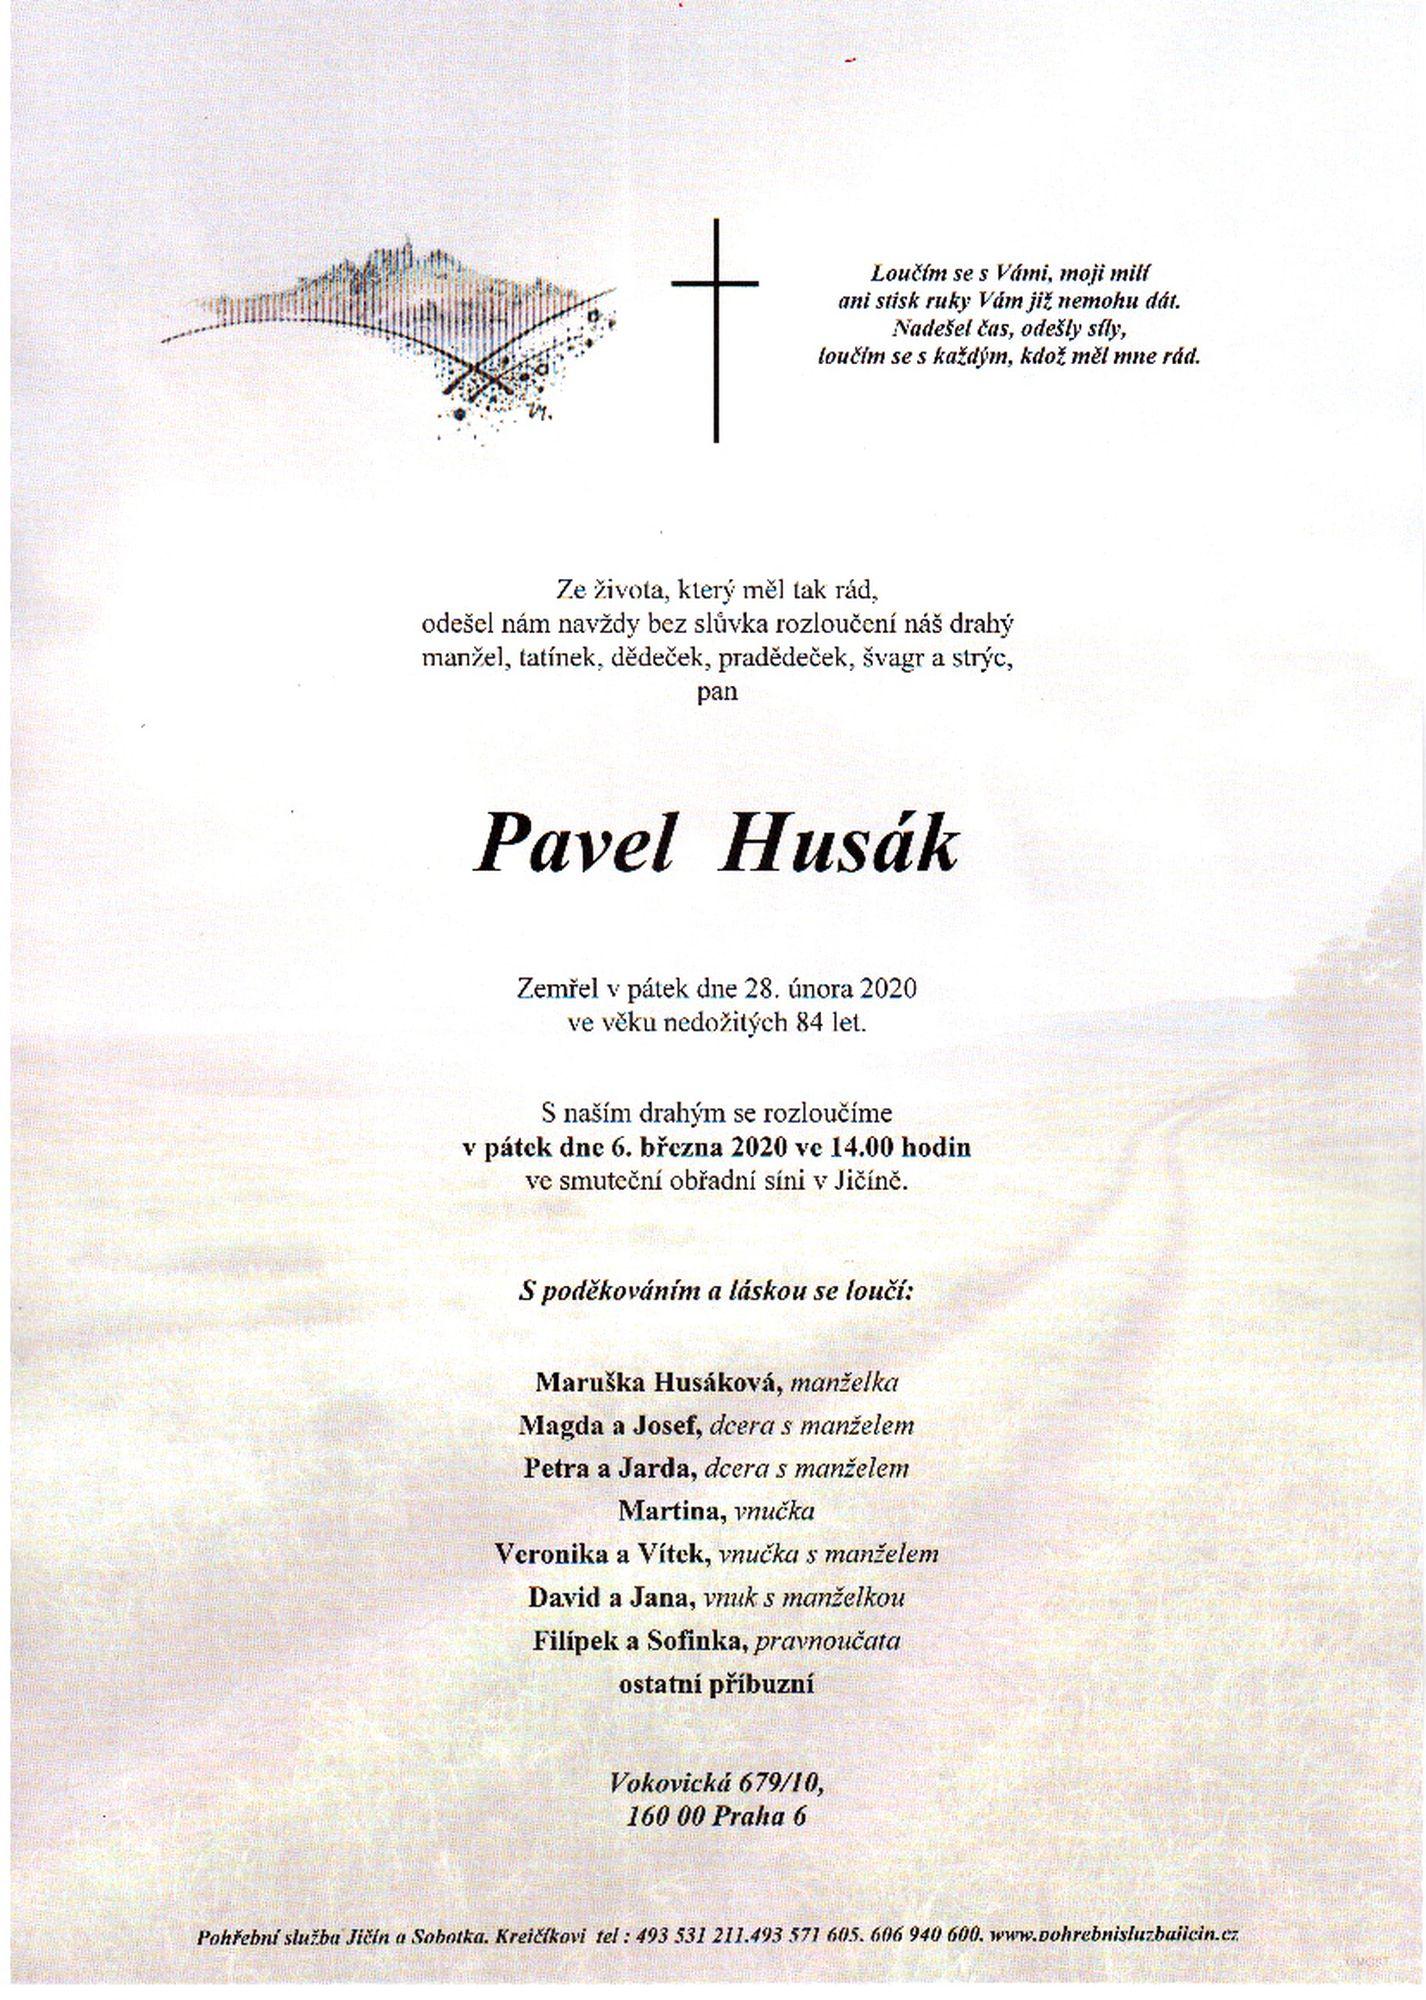 Pavel Husák